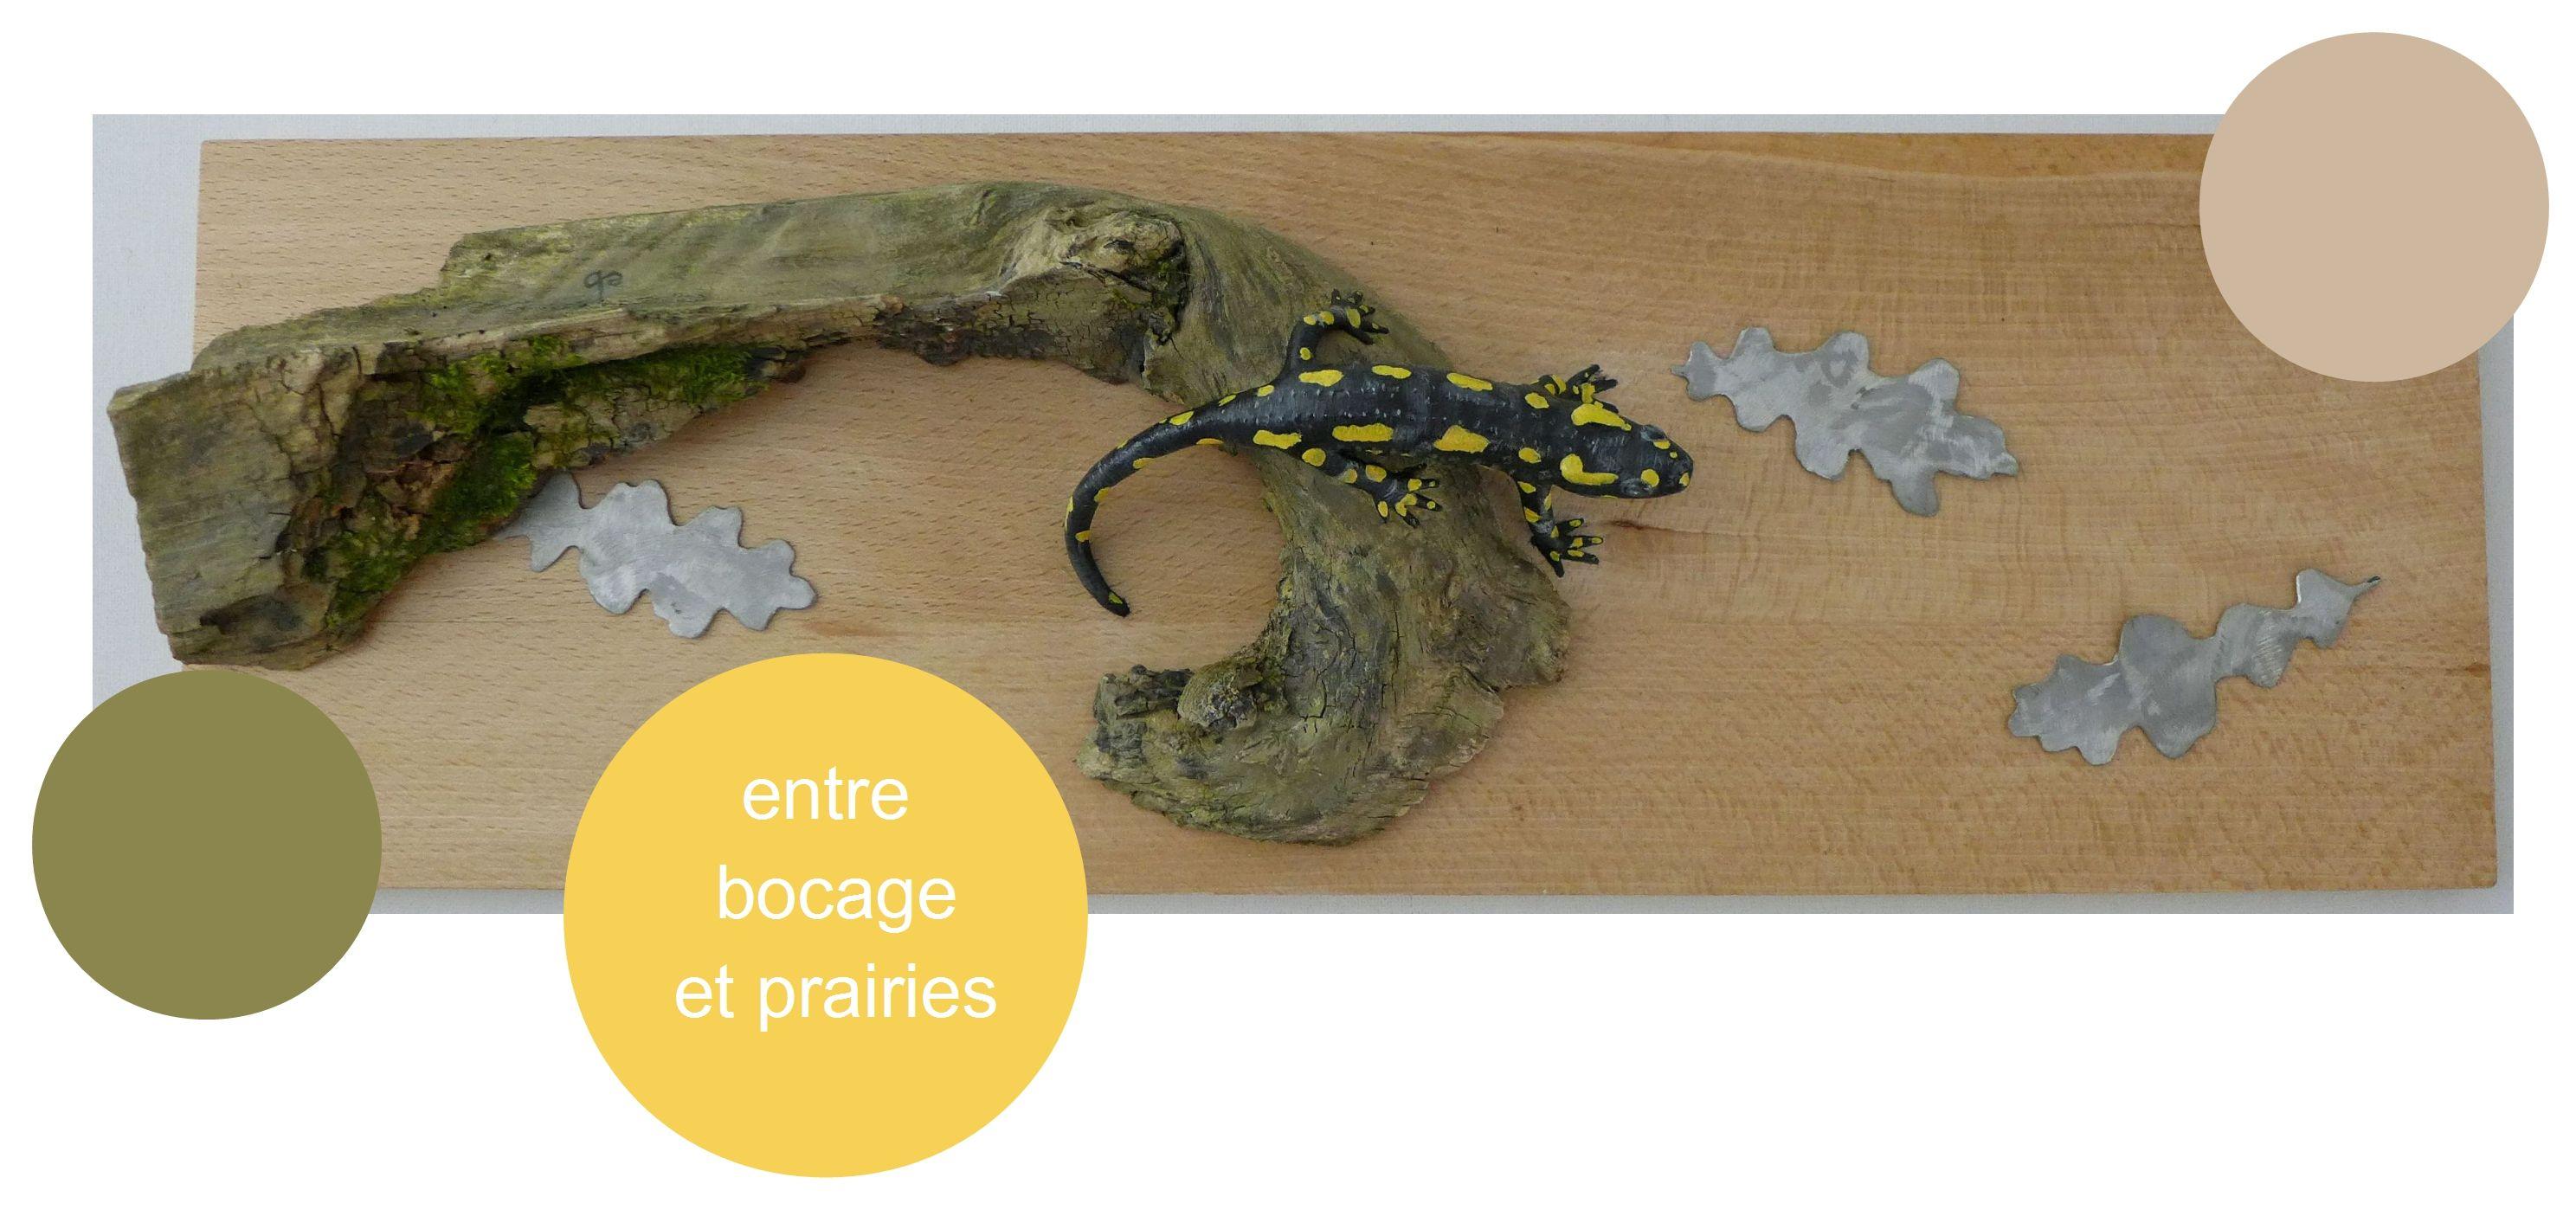 eric billion sculptures amphibiens amphibians